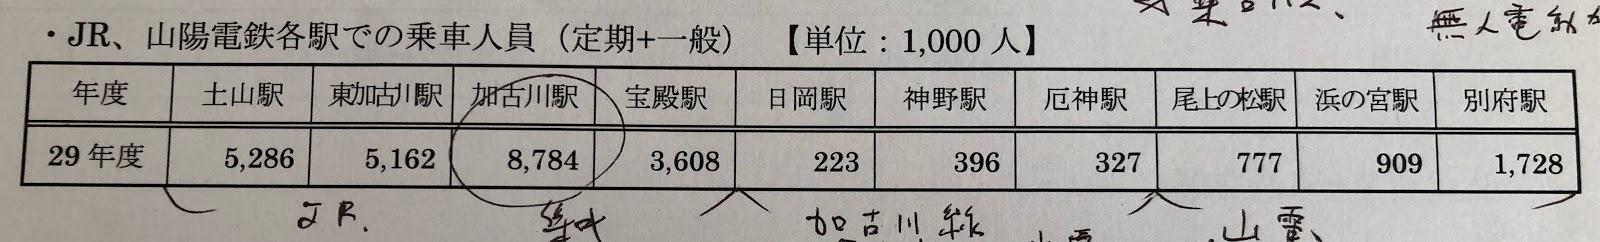 加古川市内の各駅での乗車人員